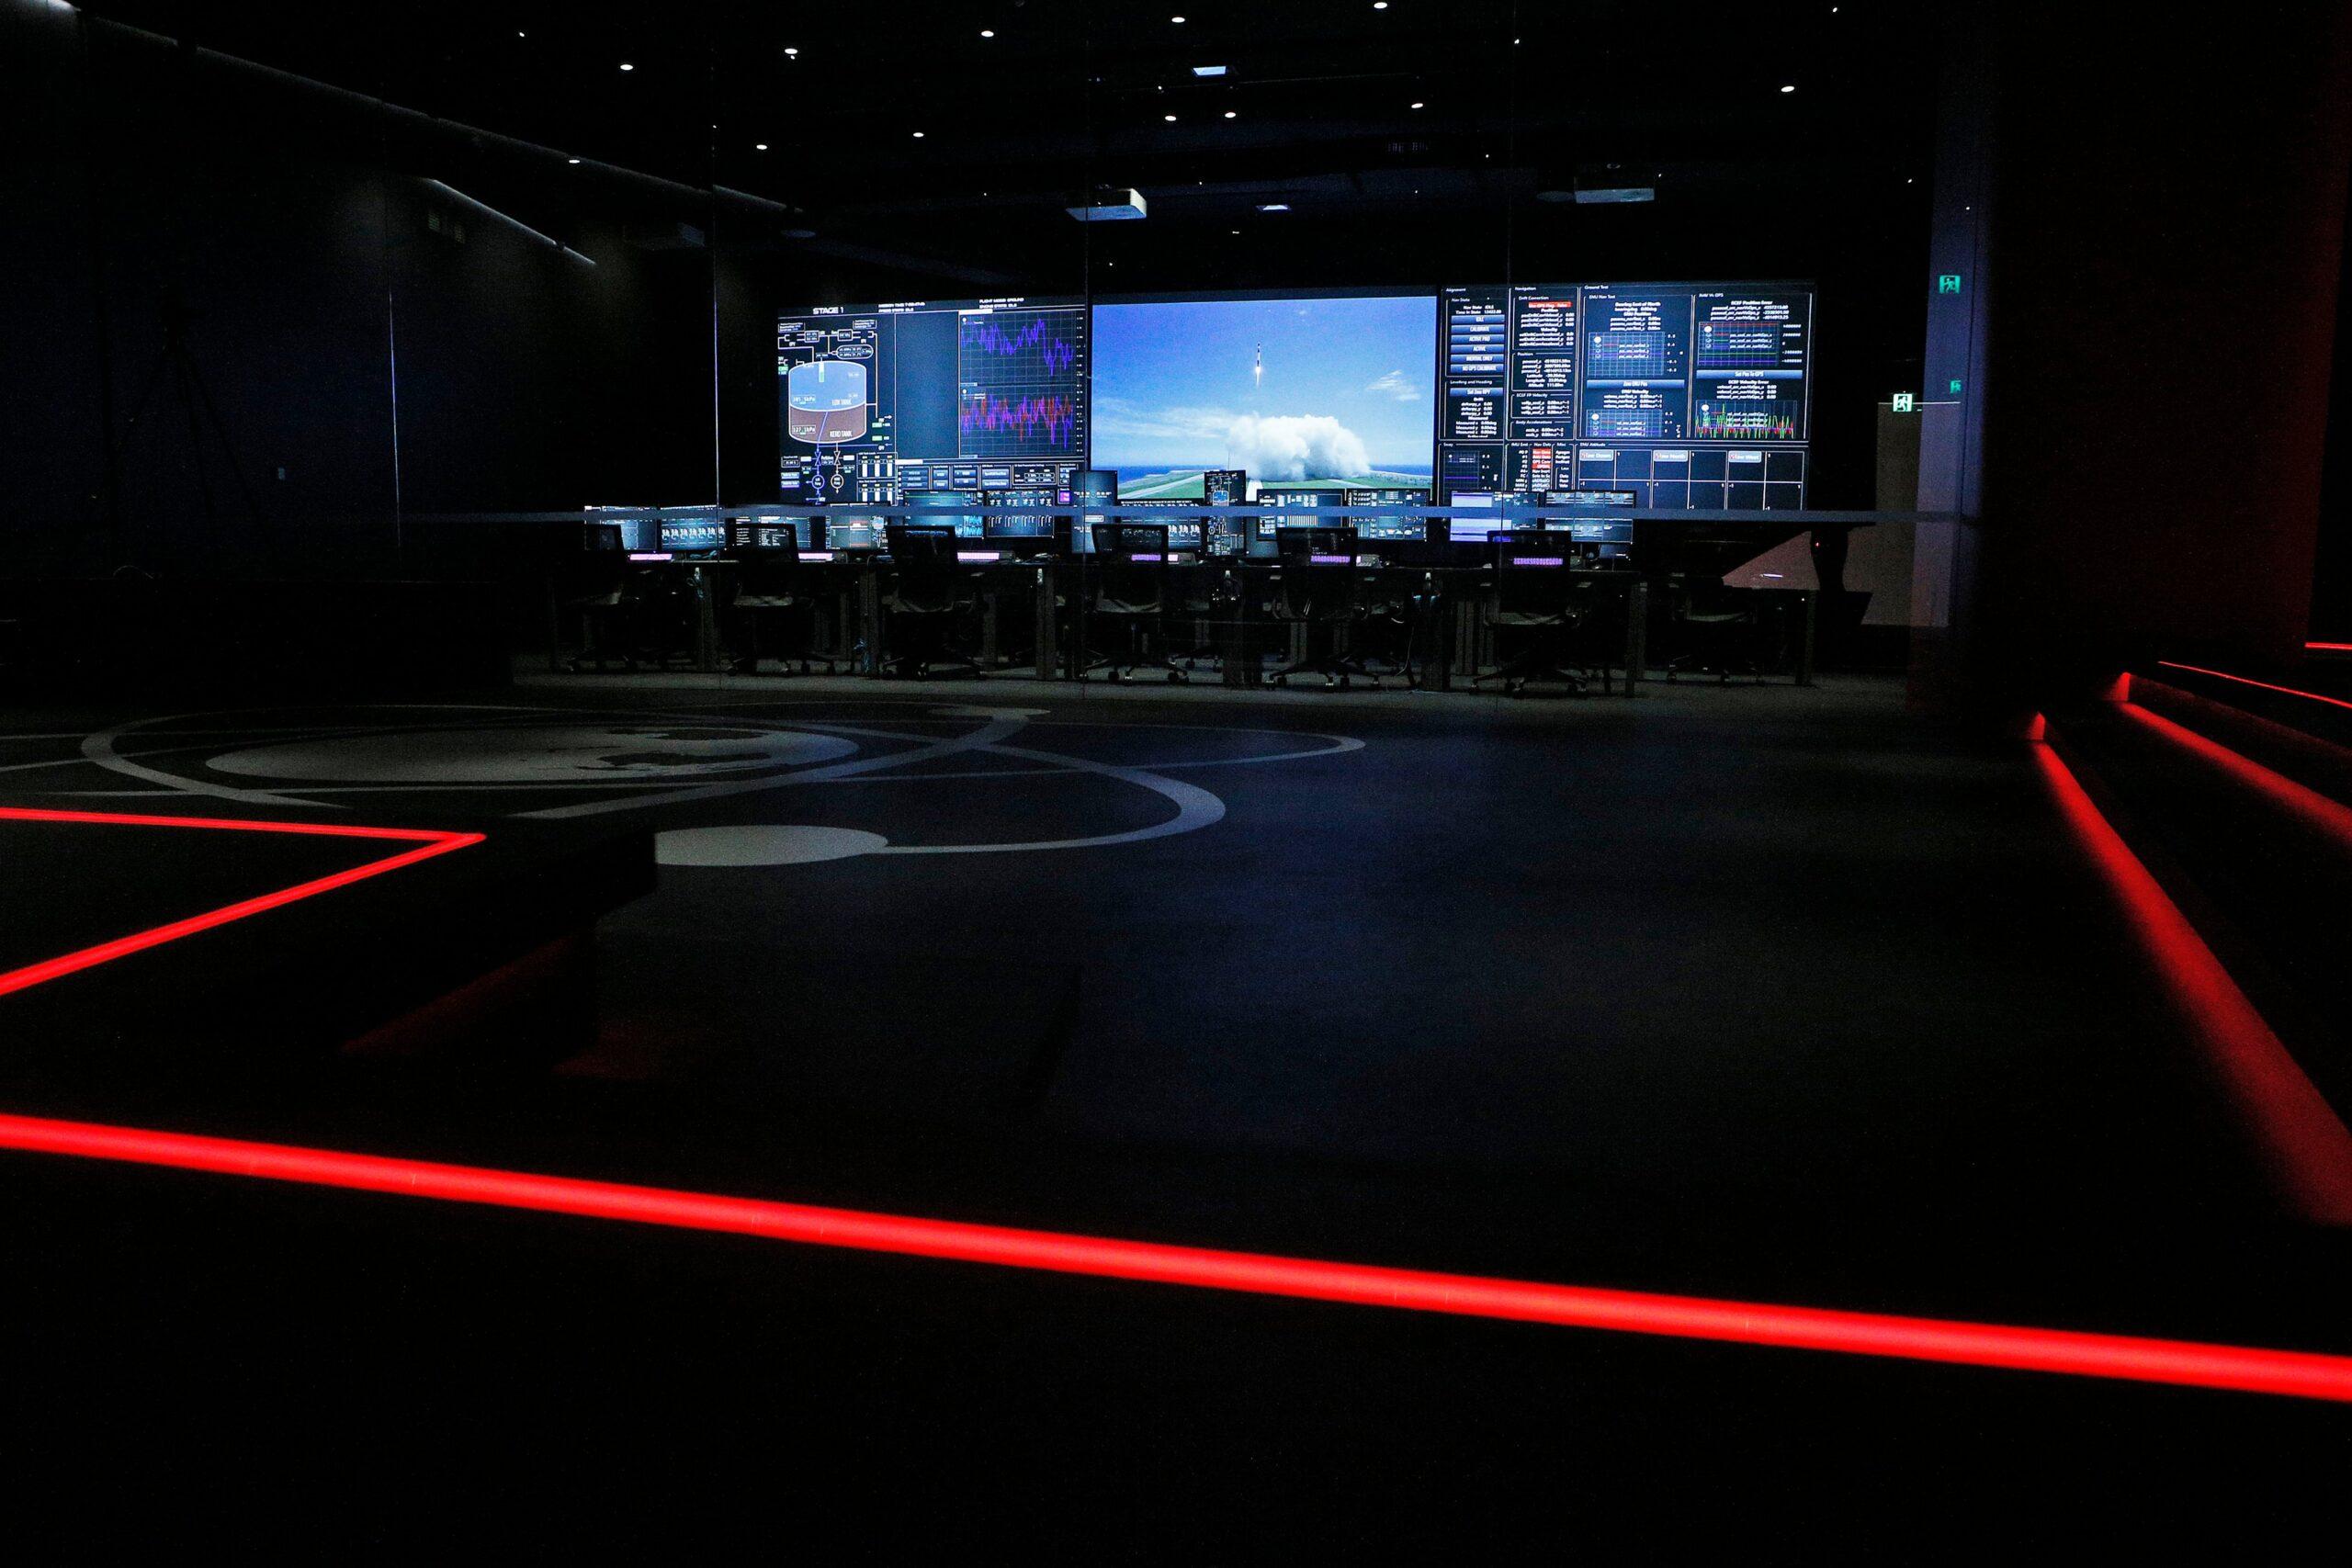 La sala di controllo di Rocket Lab. Spettacolare.